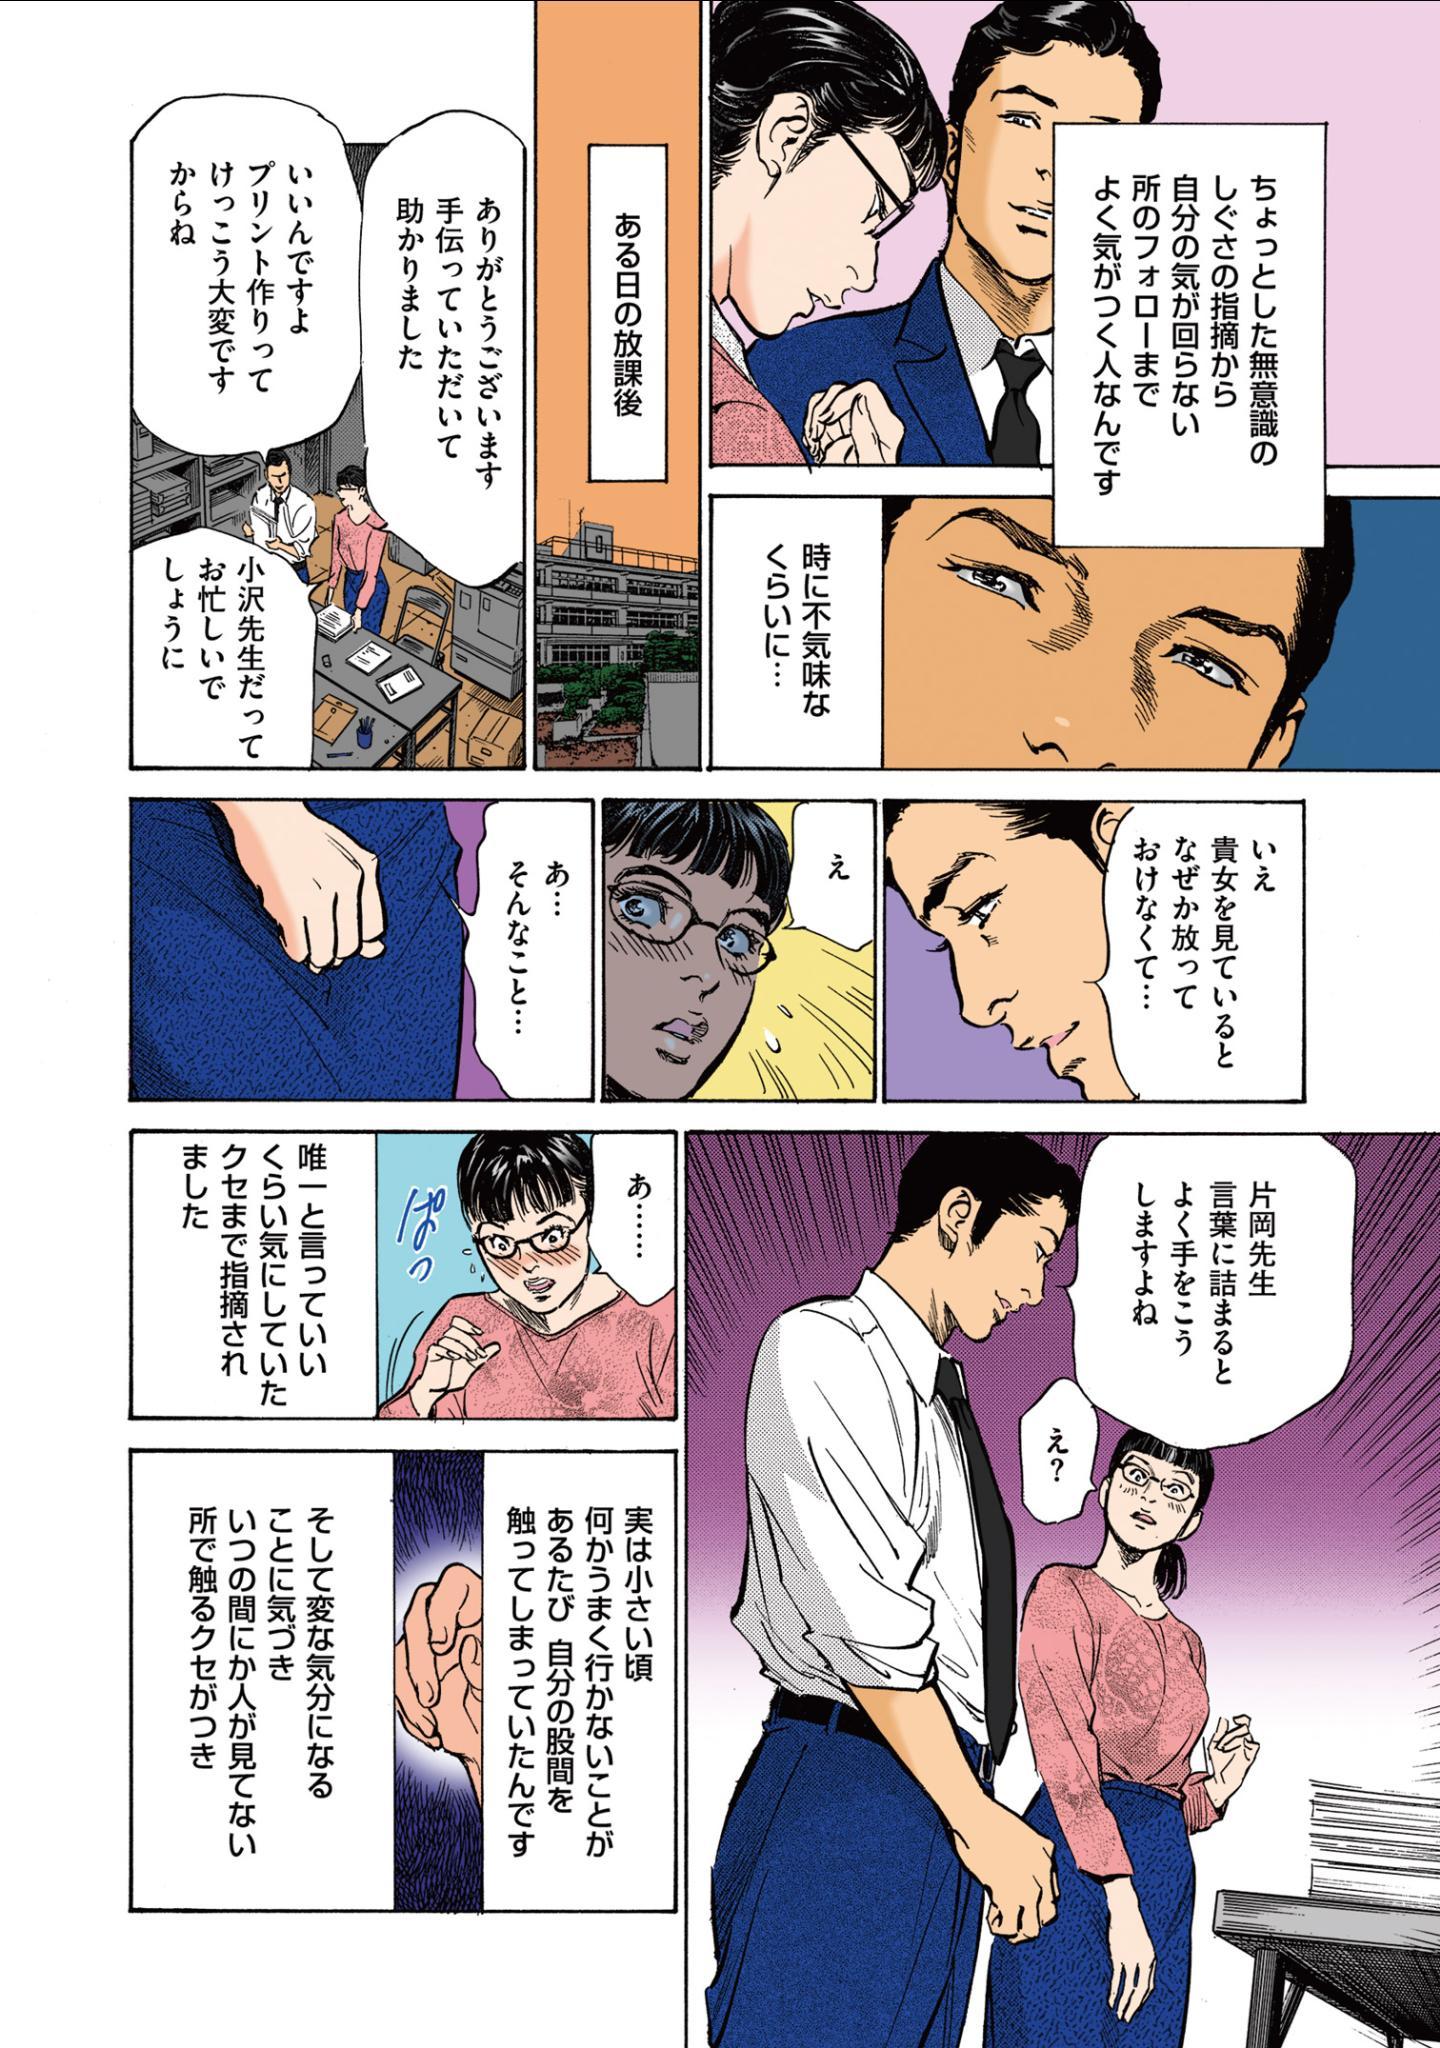 [Hazuki Kaoru] Hazuki Kaoru no Tamaranai Hanashi (Full Color Version) 1-2 39